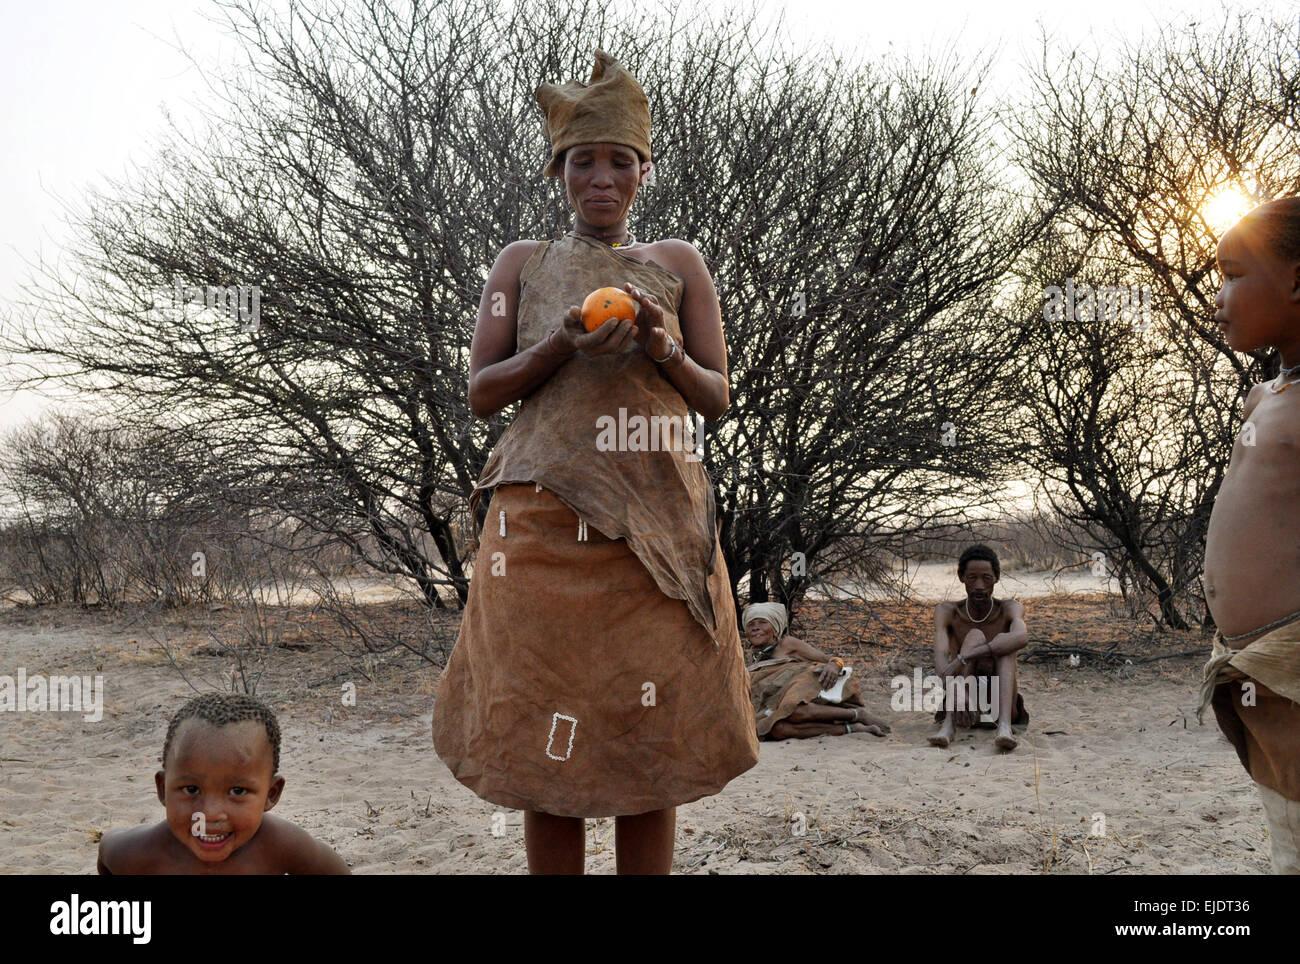 Bushmen Tribe of the Kalahari Desert, Botswana - Stock Image